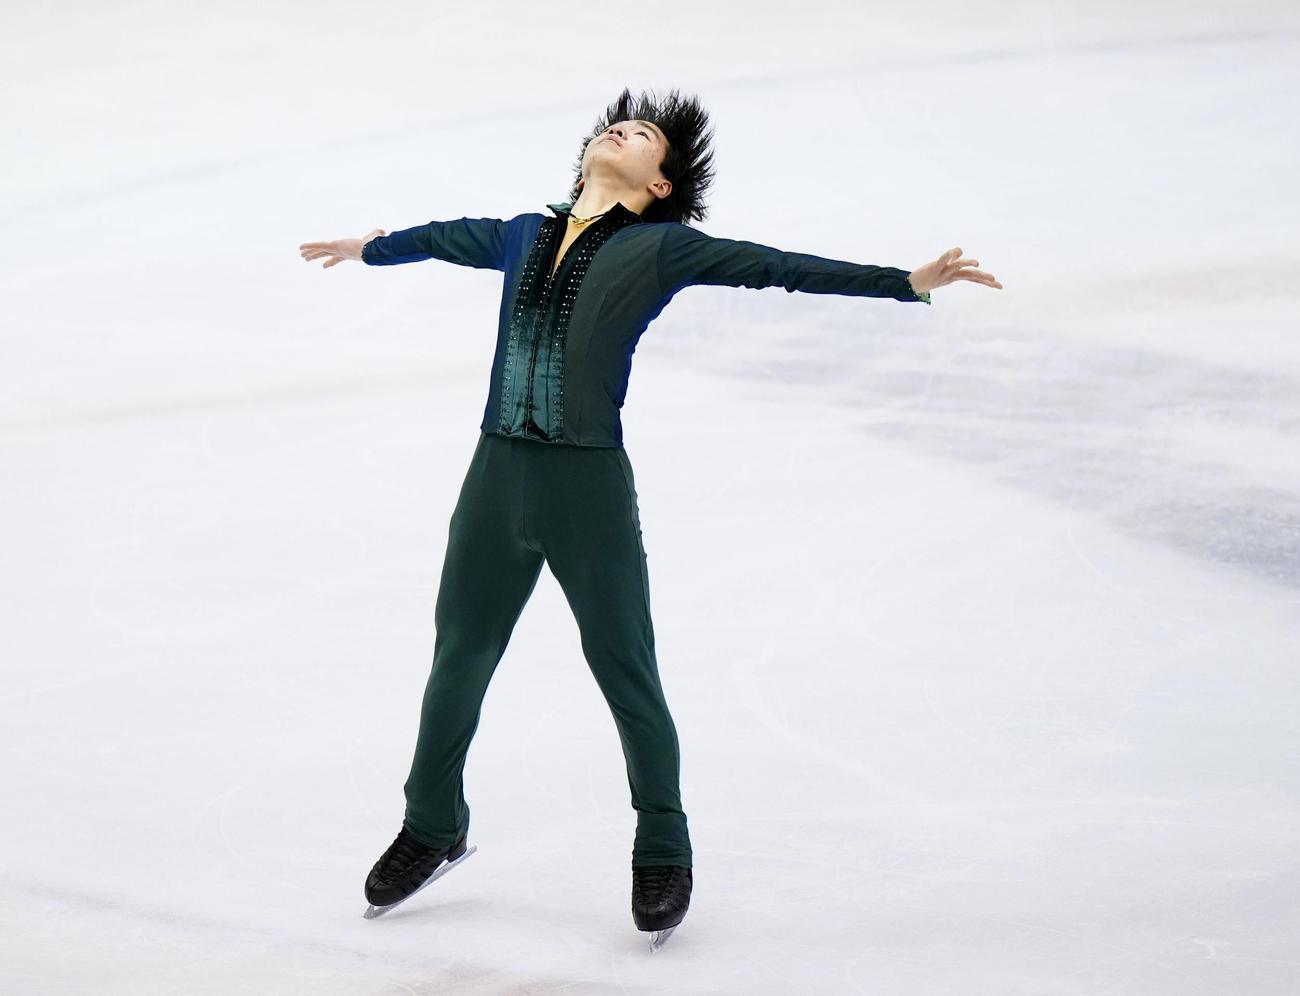 冬季国体2021 フィギュア少年男子フリー 優勝した神奈川・鍵山優真のフリー(代表撮影)